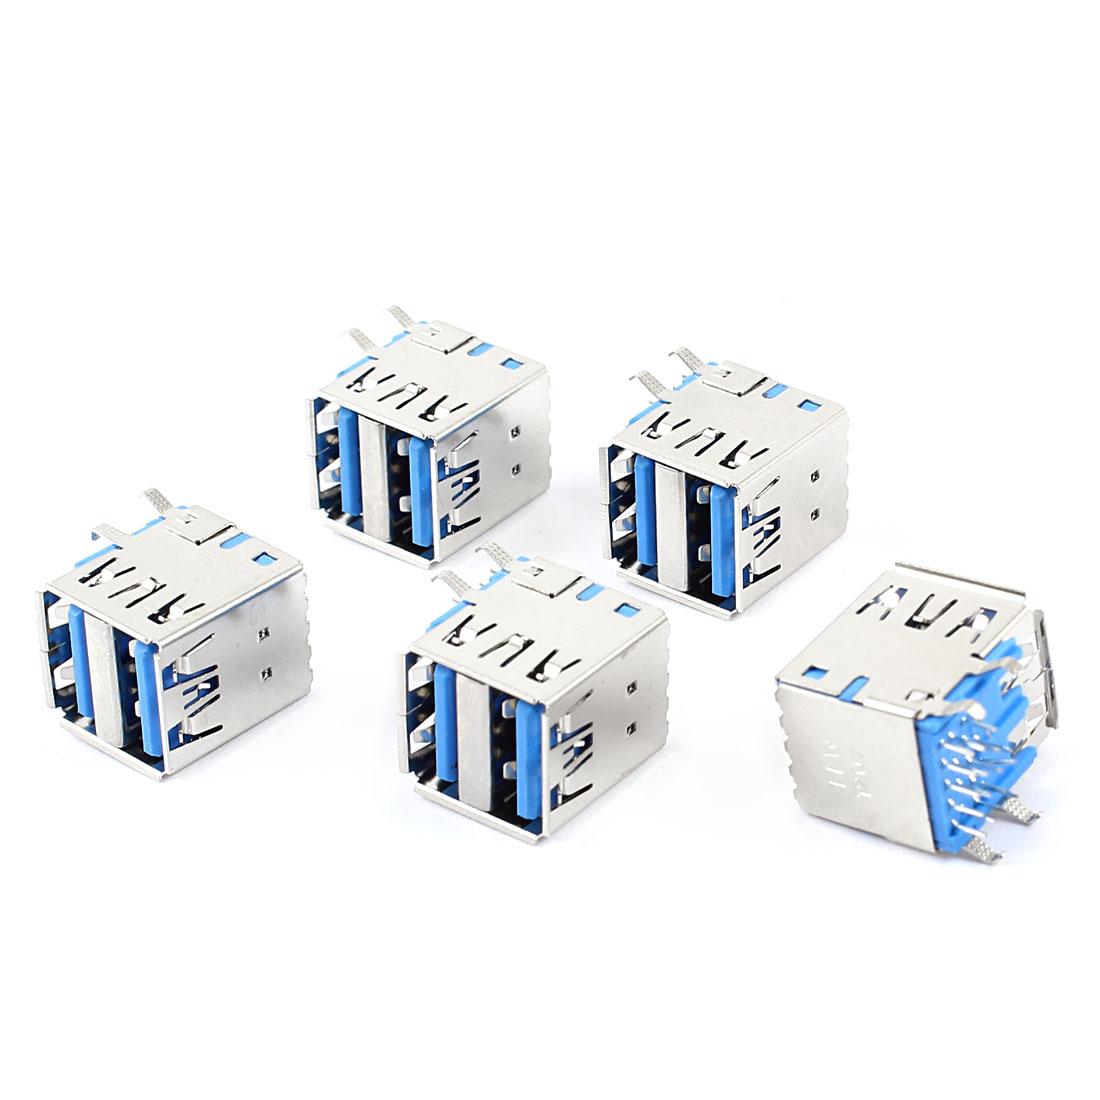 5 Pcs Shielded Double USB 3.0 Type A Female 90 Degree DIP PCB 18-Pin Jack Socket